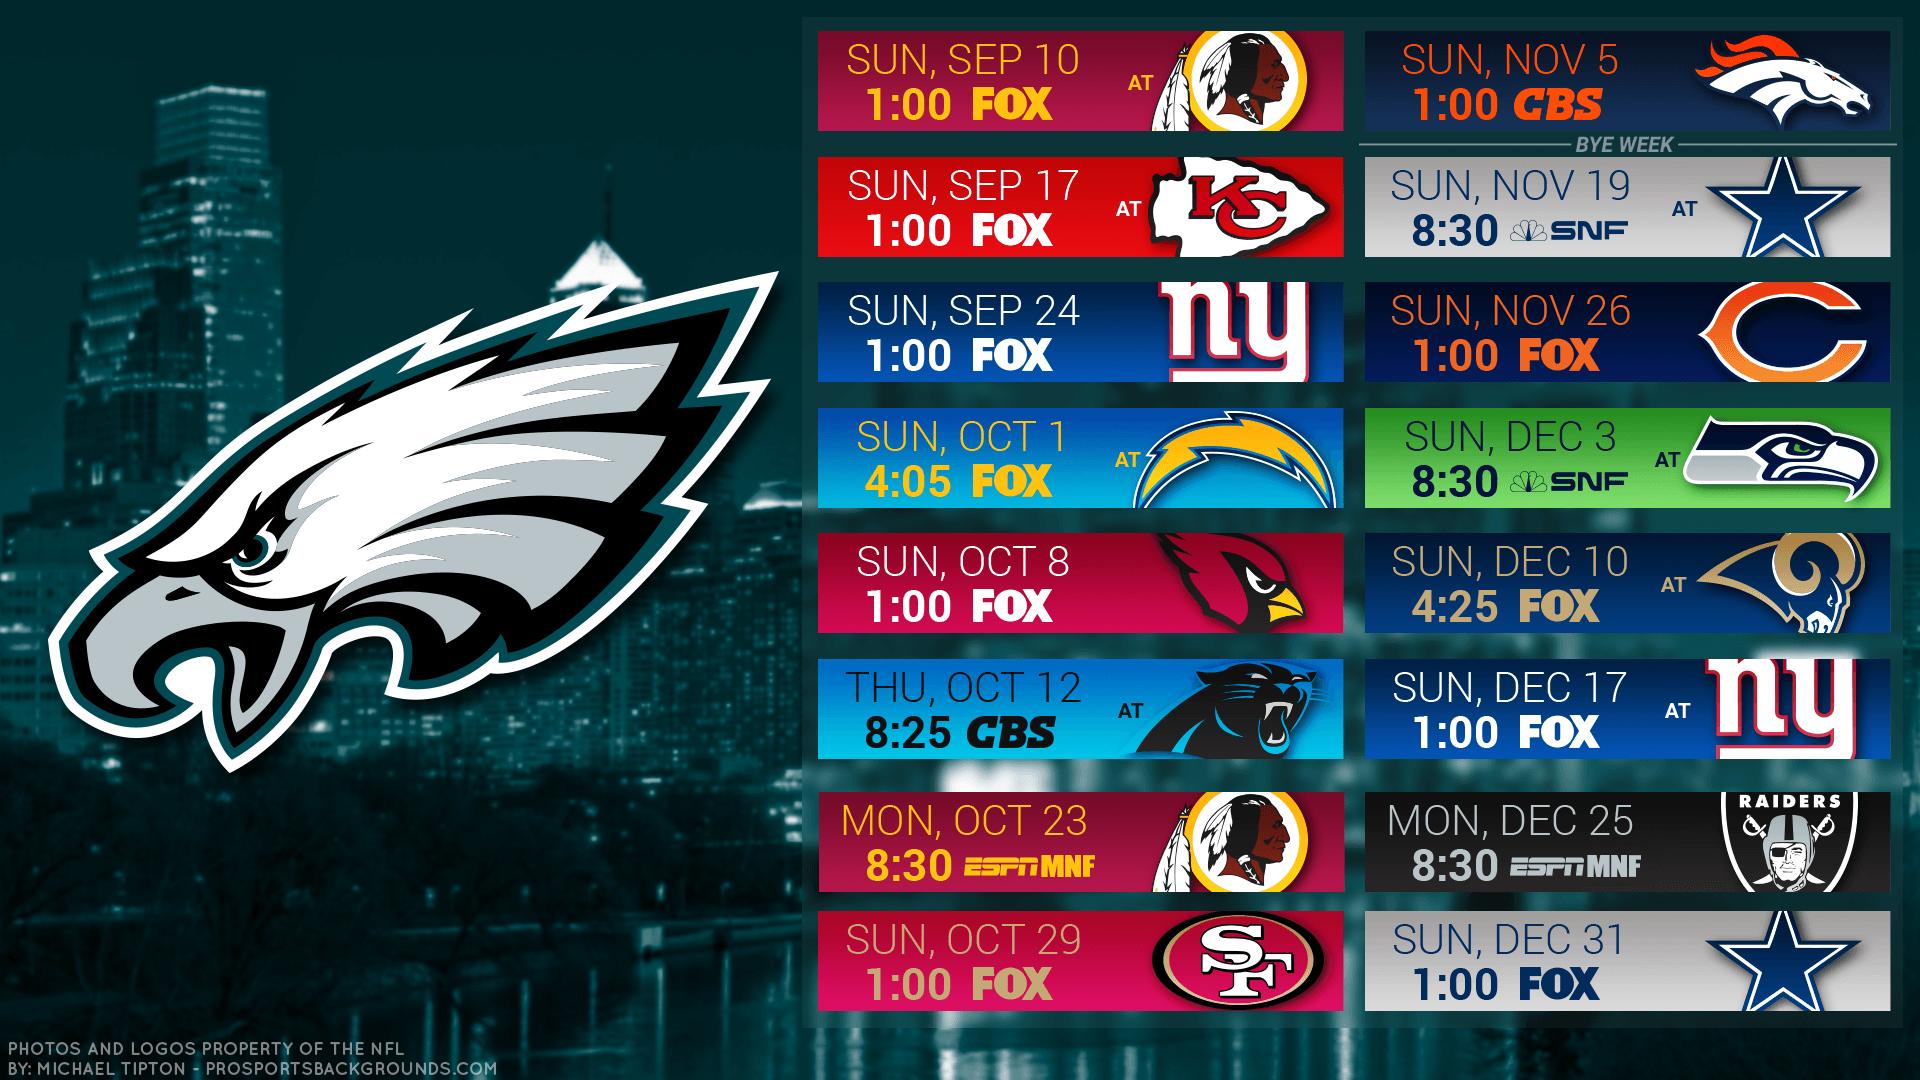 eagles schedule wallpaper